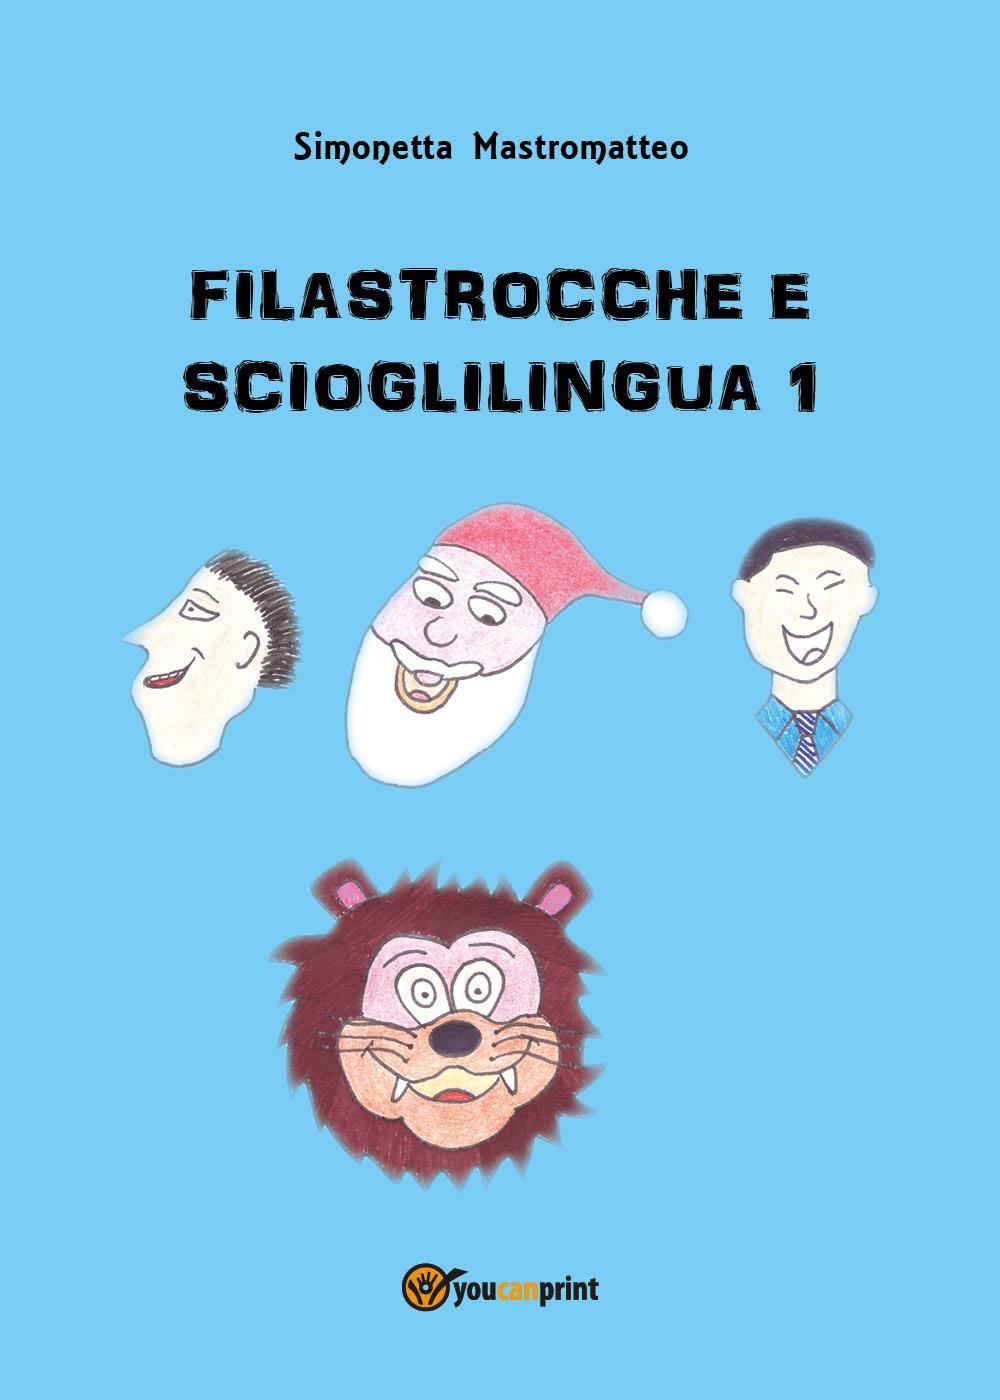 Filastrocche e scioglilingua 1